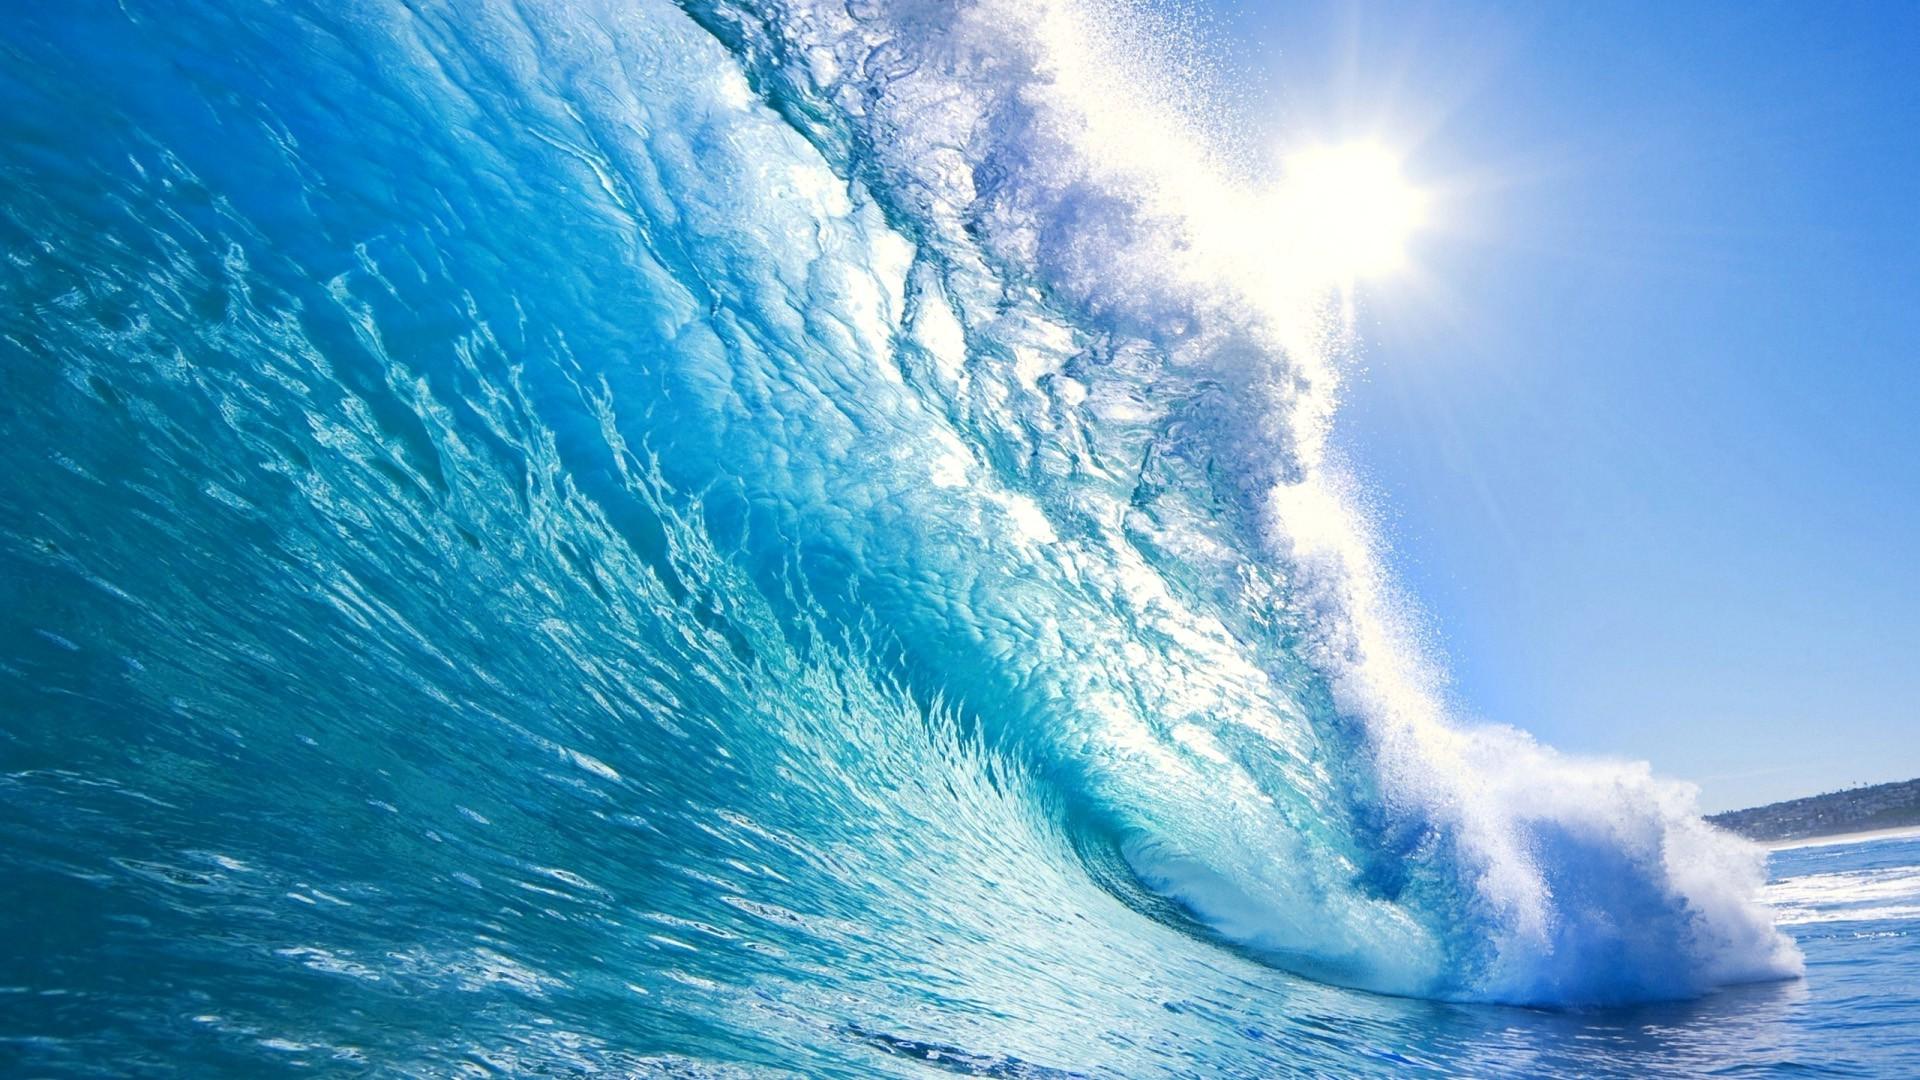 Ocean Waves Desktop Background Wallpaper Hd Desktop Ocean Waves Background Hd 103129 Hd Wallpaper Backgrounds Download